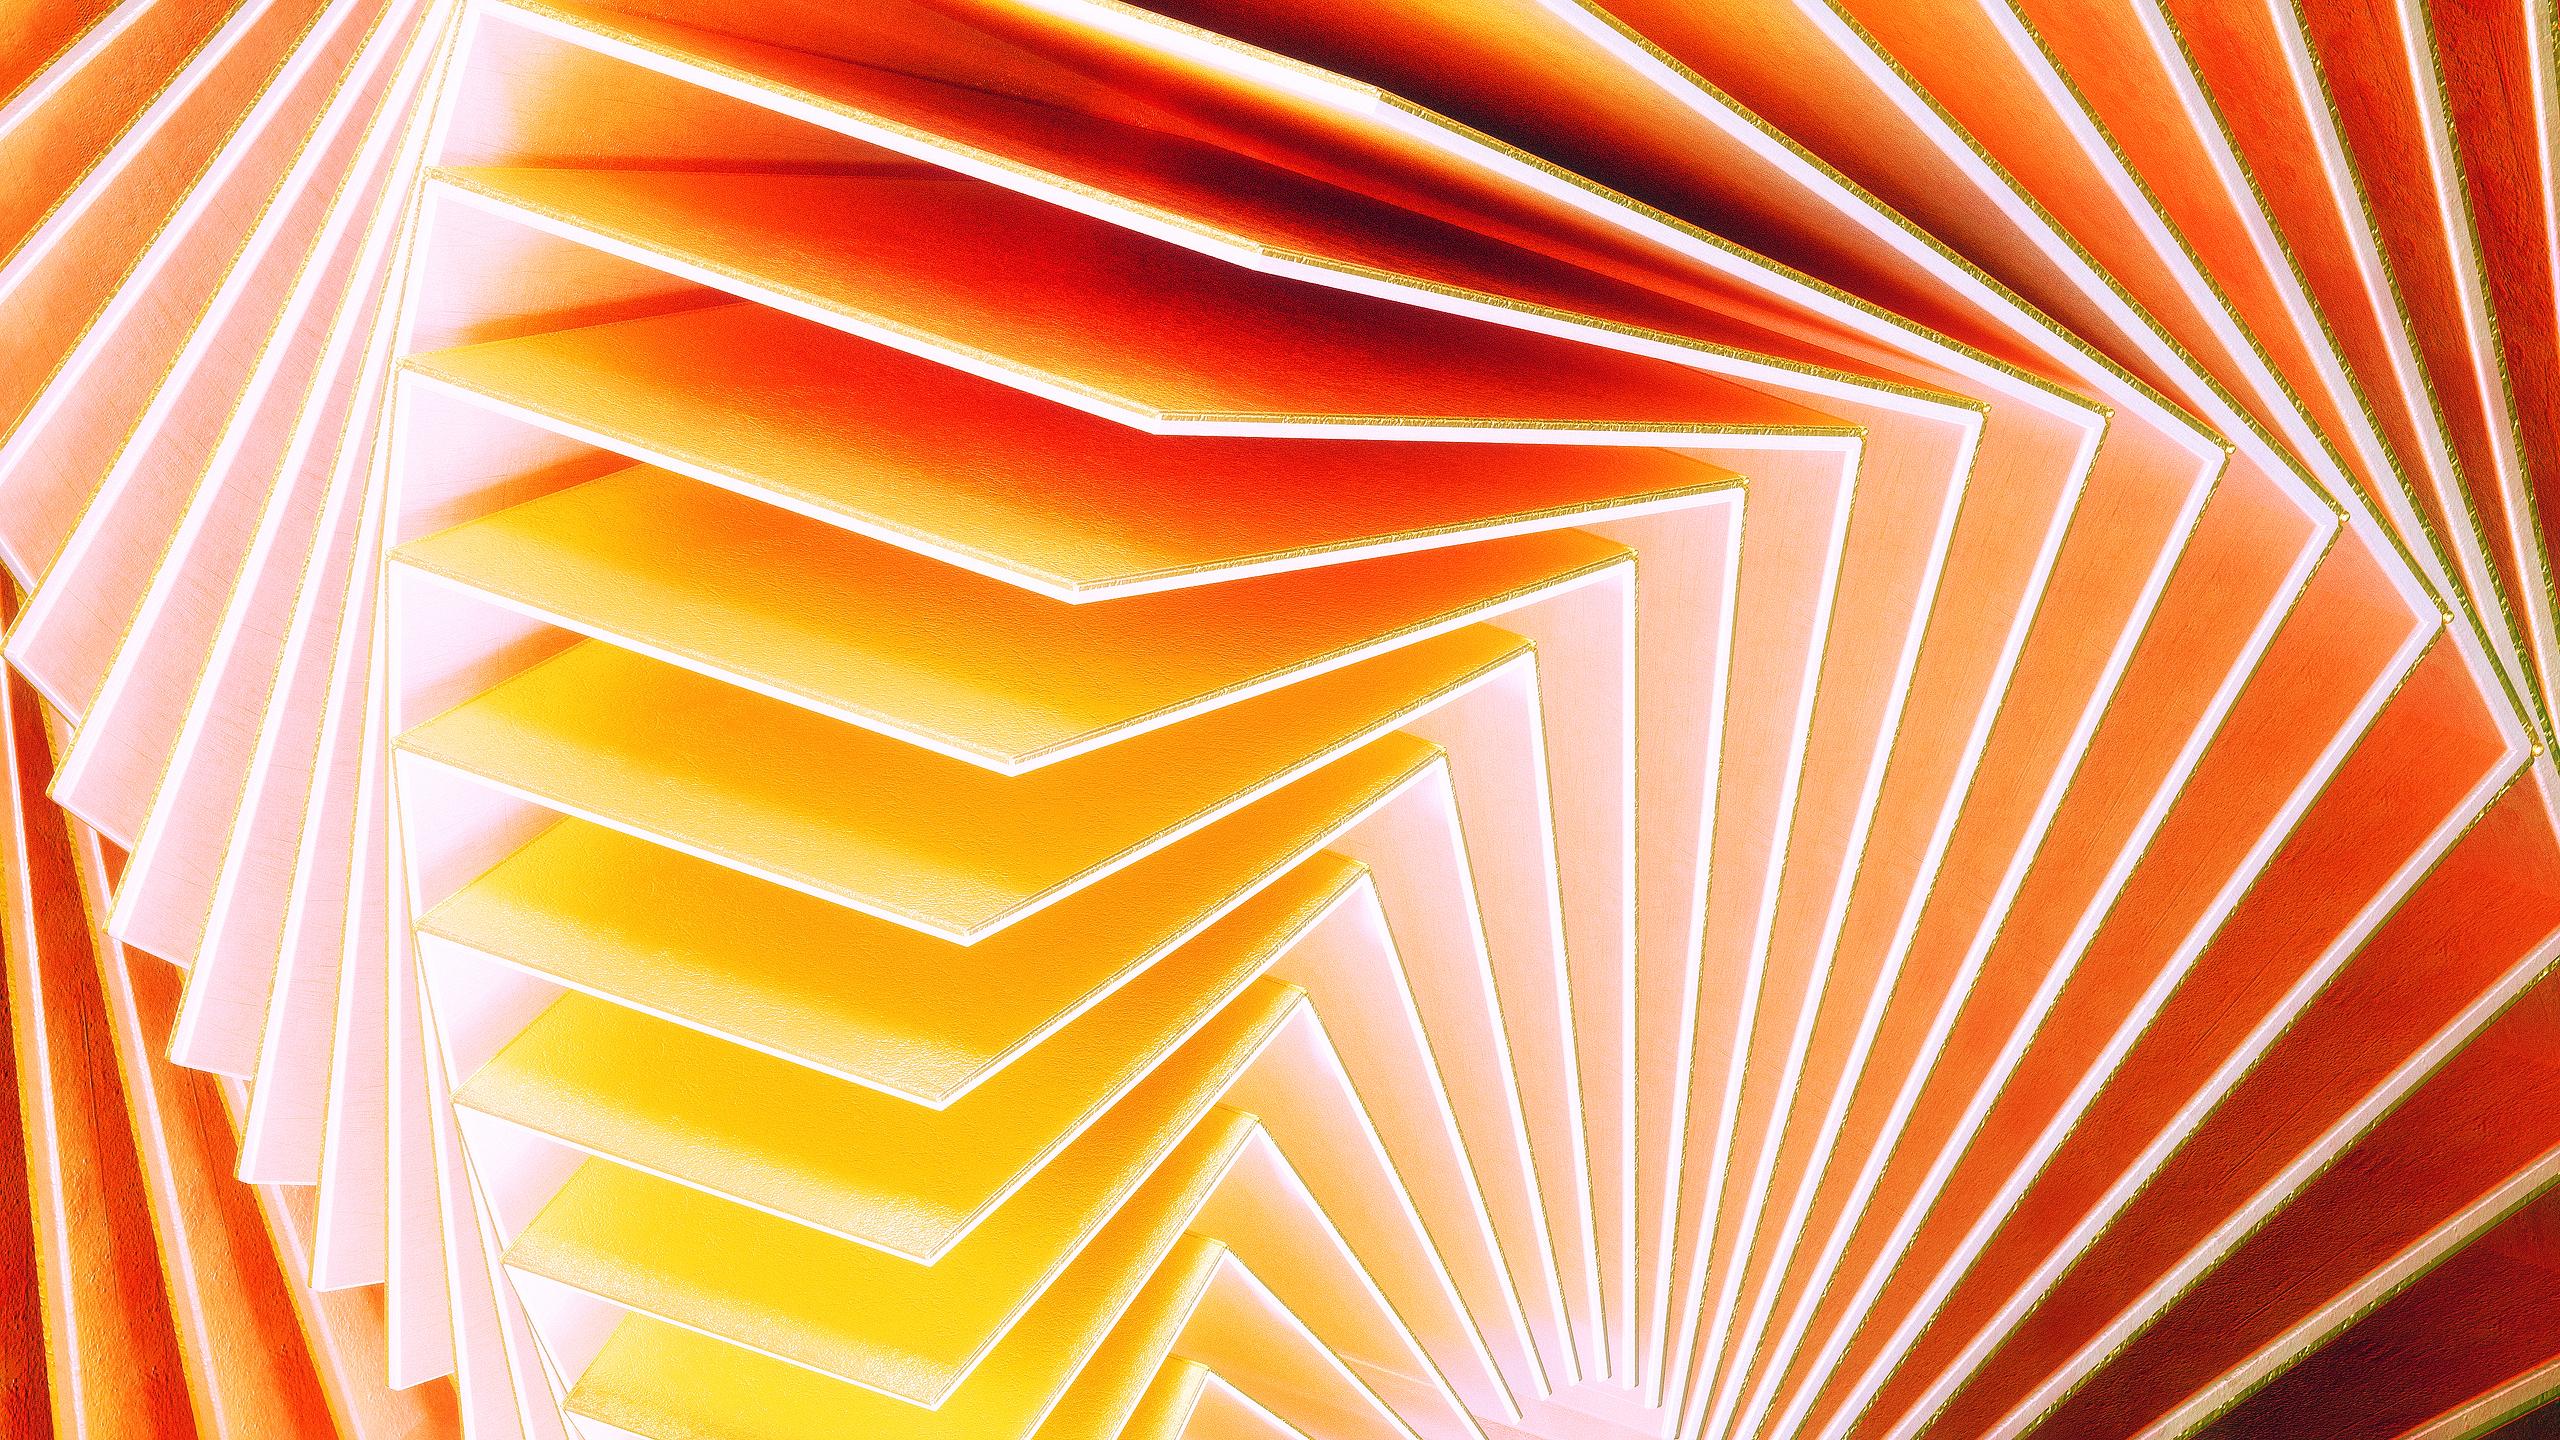 Металлические волны обои скачать